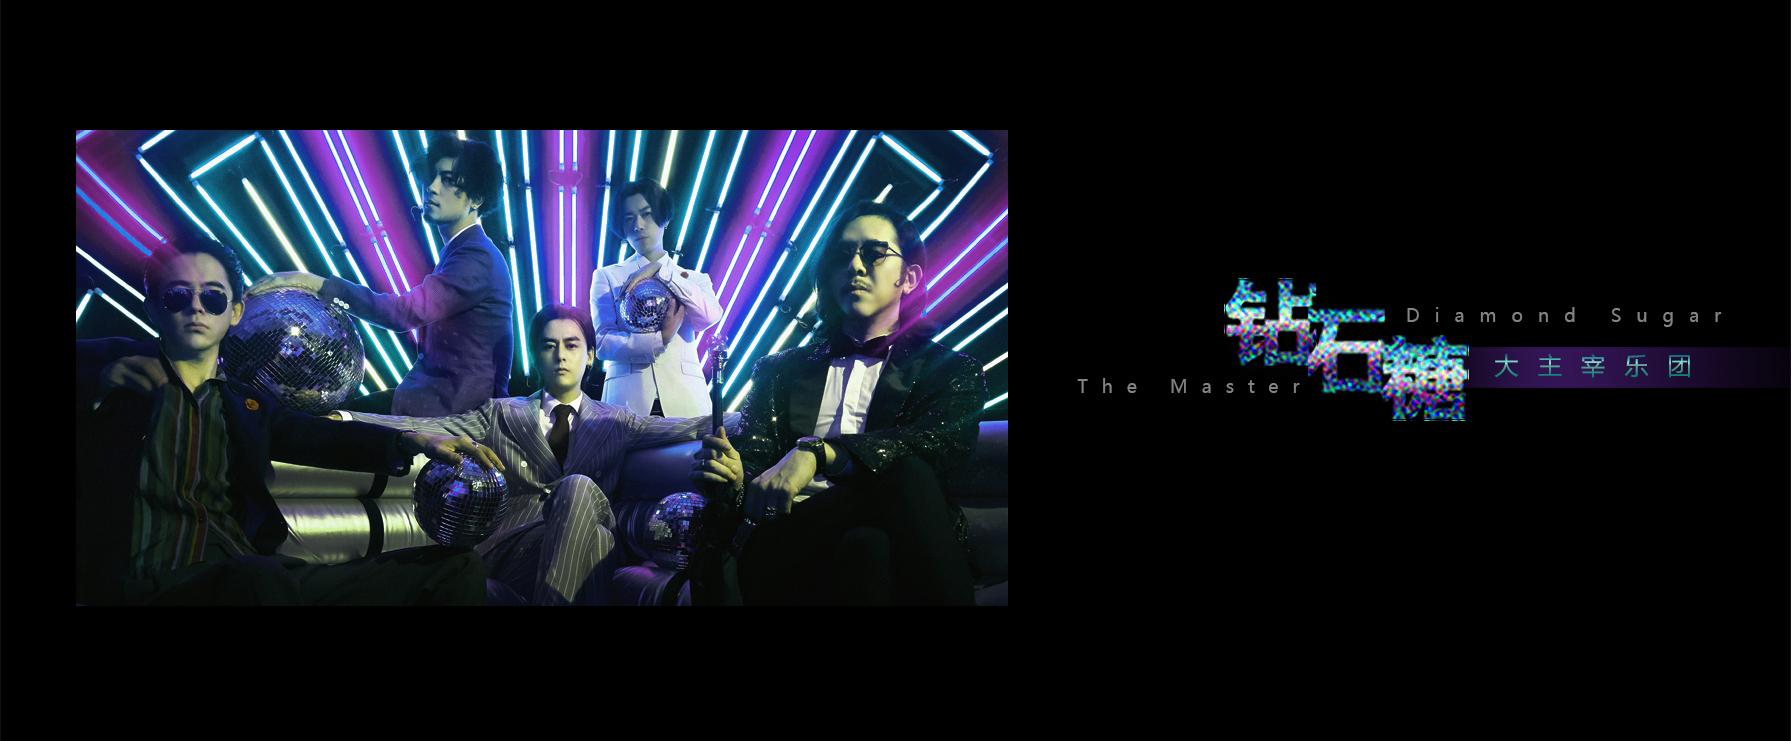 大主宰乐团《钻石糖》MV今日正式全网上线